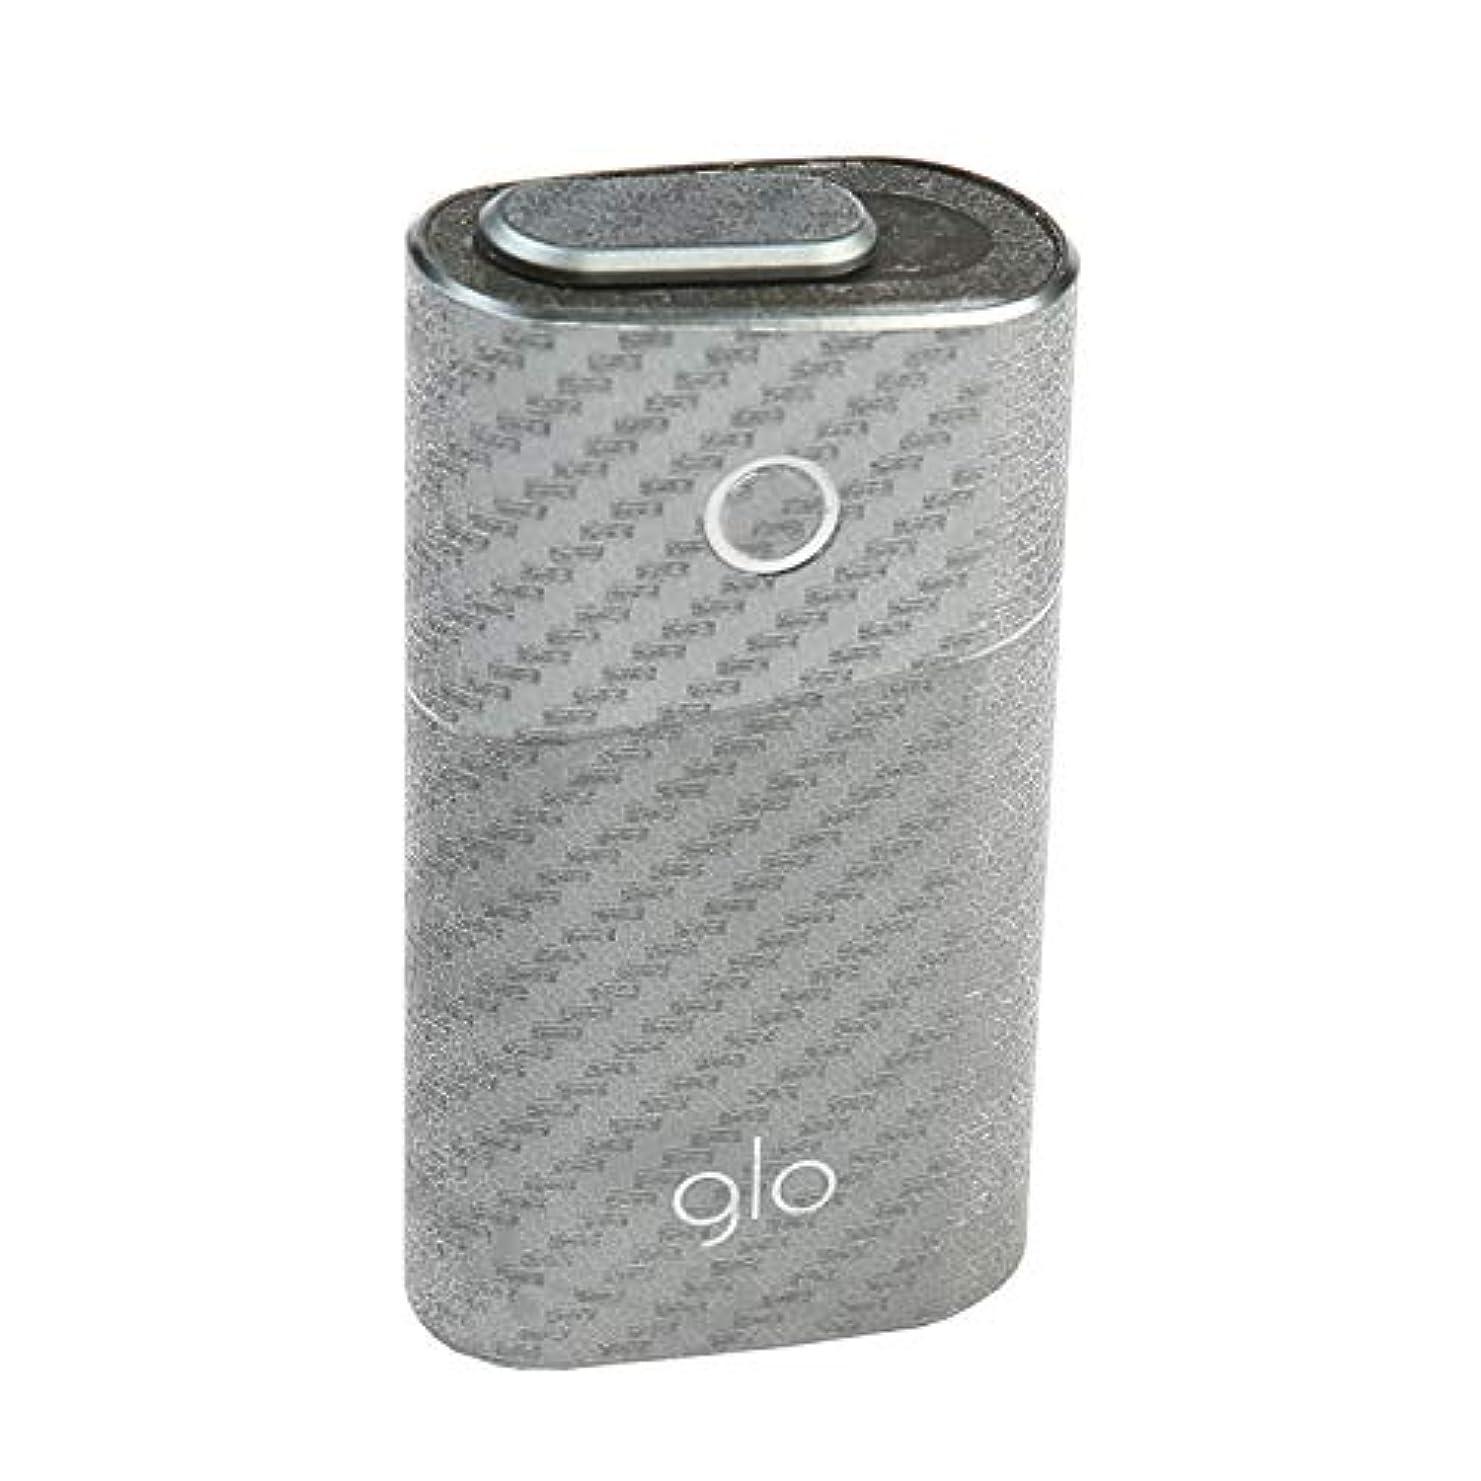 幸運なことにイタリアの日の出Diy-Skin glo(シリーズ2) 360°フルセット カバー ケース 保護 フィルム ステッカー デコ アクセサリ シール 専用 スキンシール 電子タバコ カーボン模様